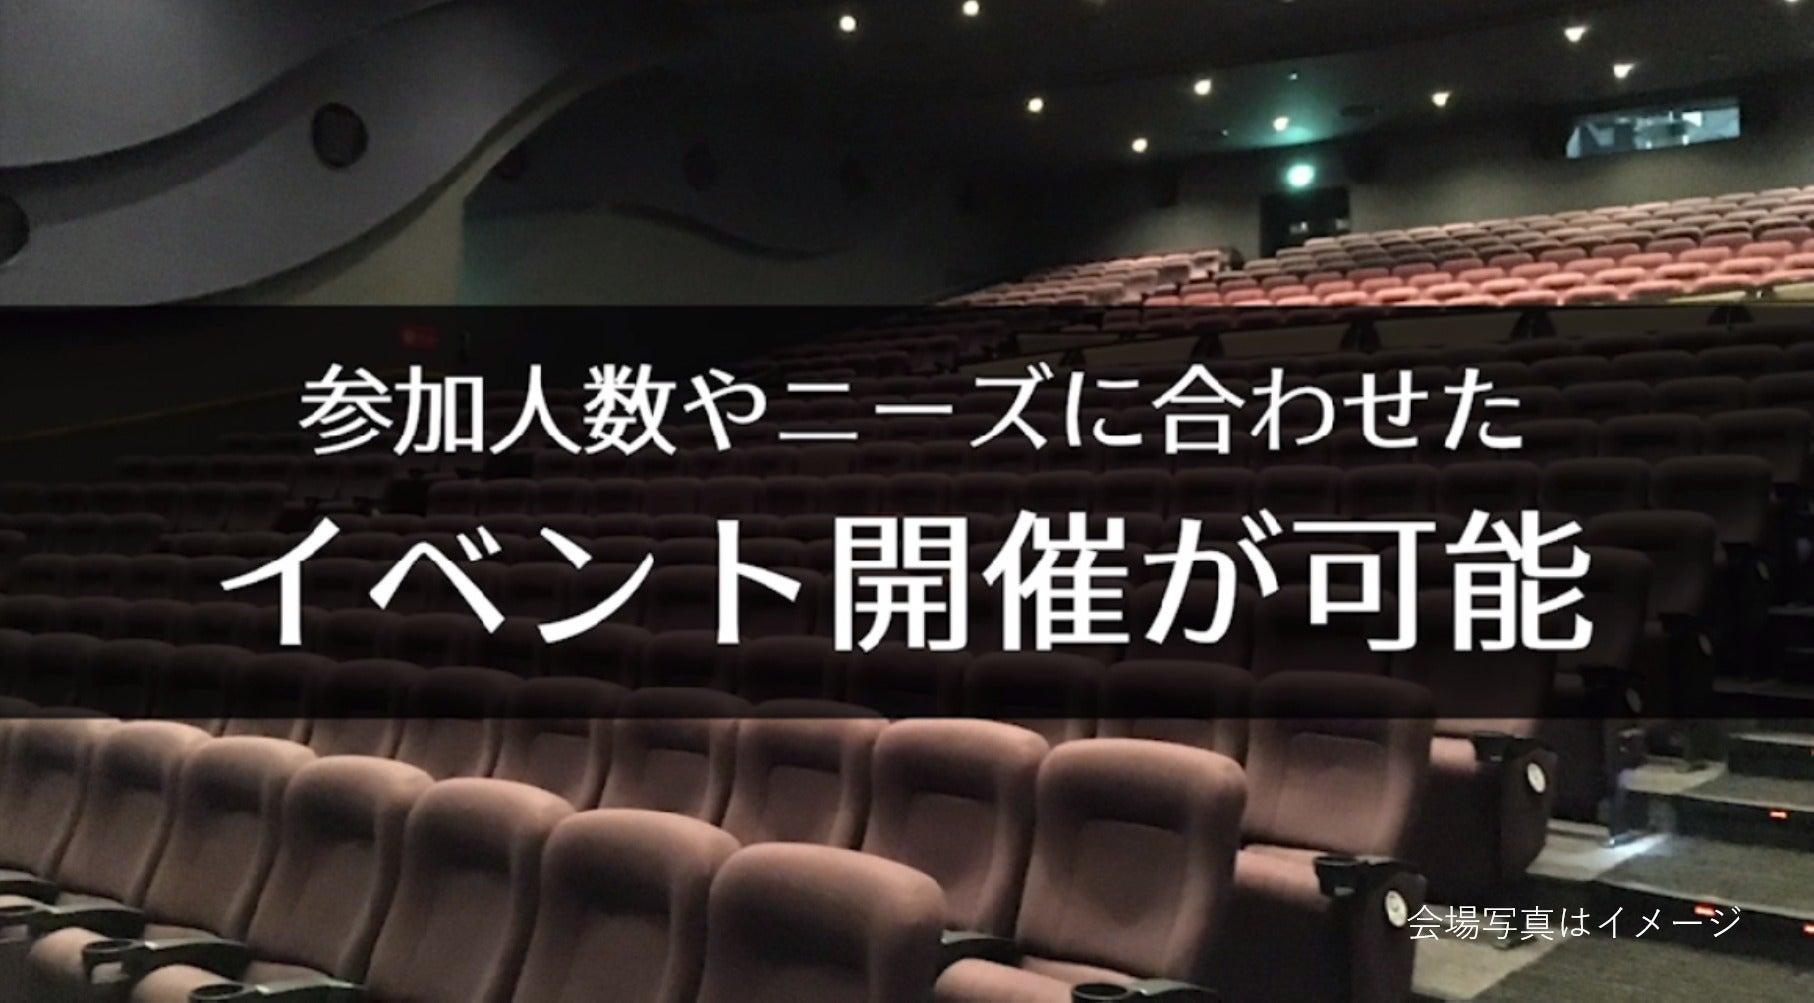 【幕張 273席】映画館で、会社説明会、株主総会、講演会の企画はいかがですか?